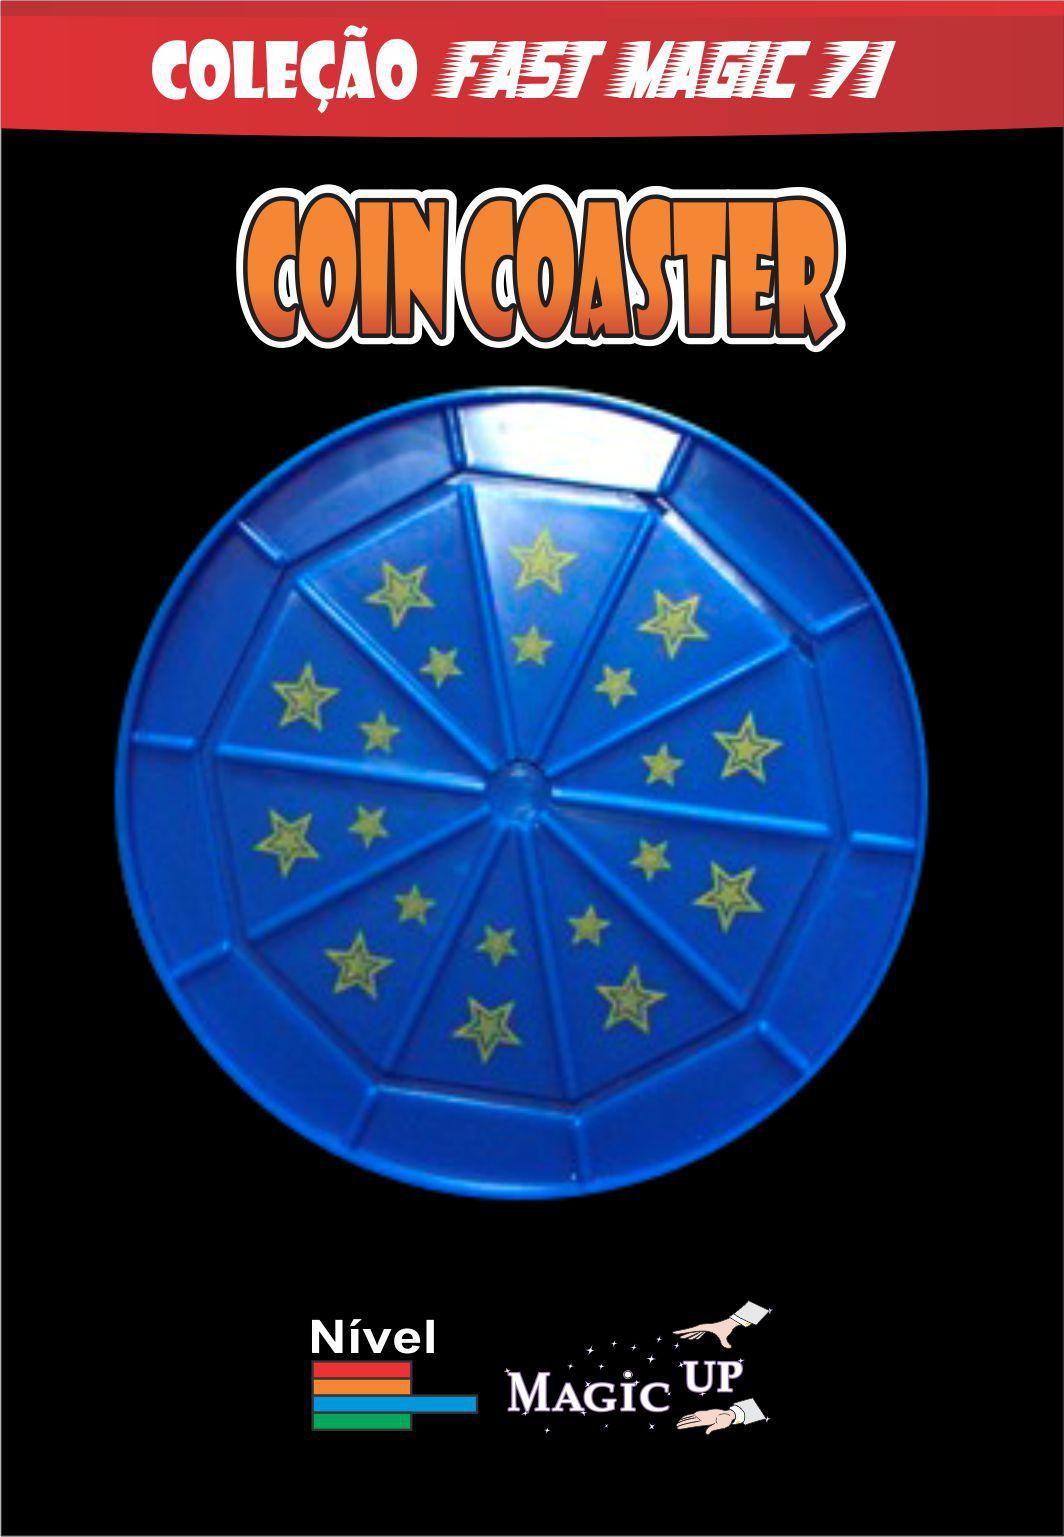 Magica da moeda que  atravessa o copo Coin coaster -  Coleção Fast Magic N 61 R+